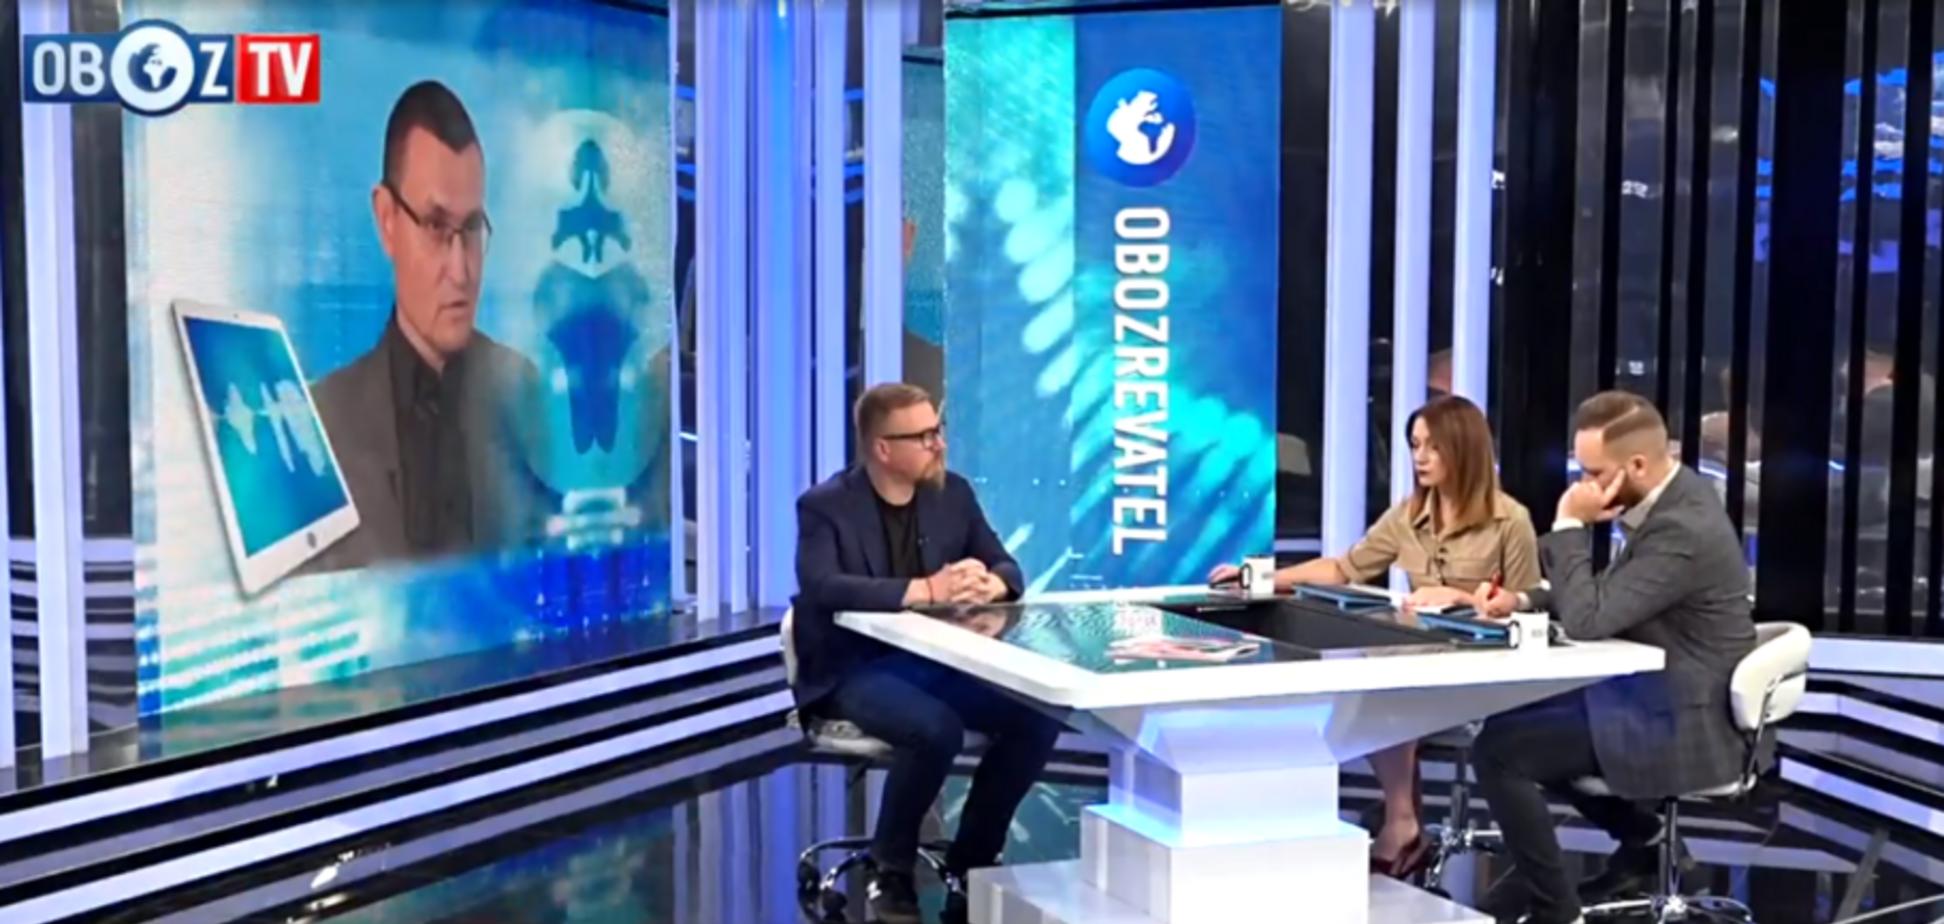 Требование главарей 'Л/ДНР' по Донбассу: в Украине отреагировали